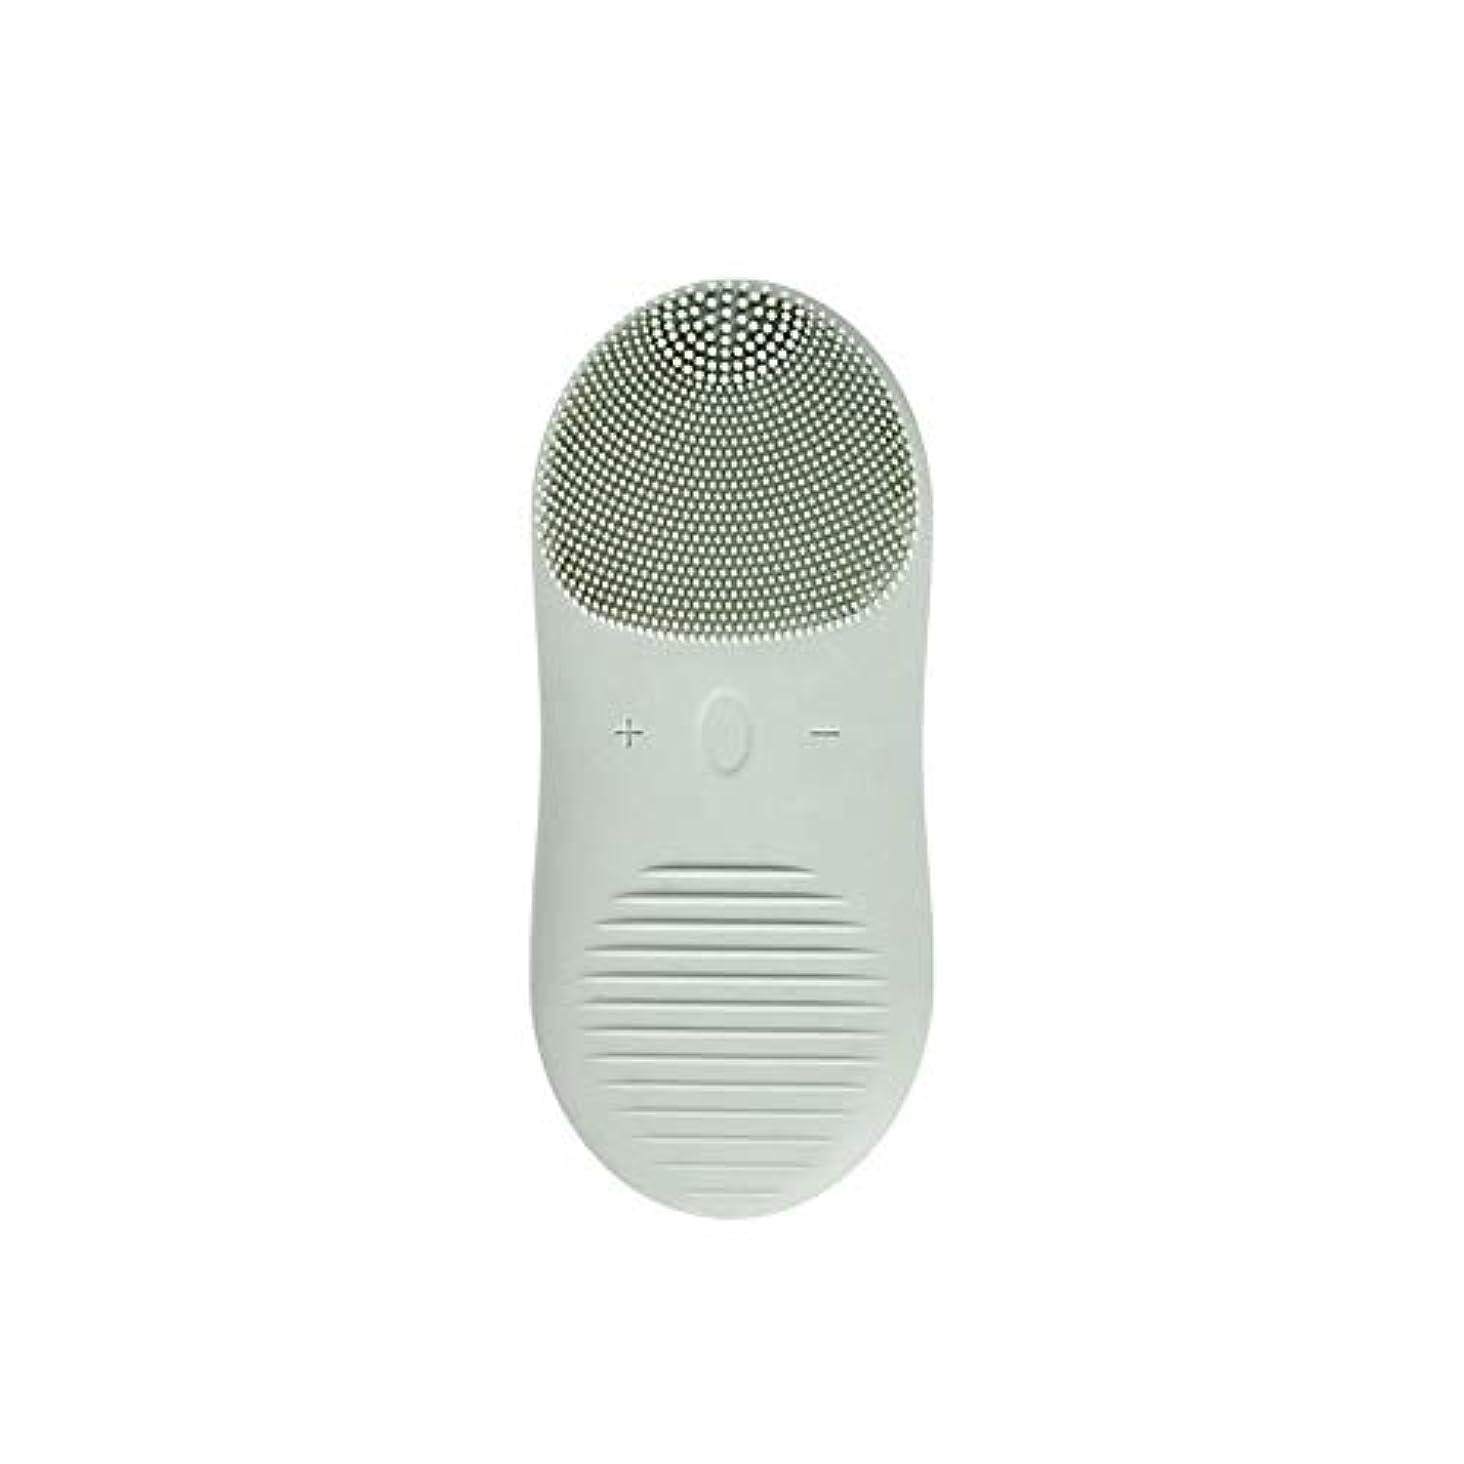 火山学者動機ベストZXF 新しい電気技師シリコーンクレンジングブラシ防水超音波振動クレンジング楽器USB充電マッサージ器具美容器具 滑らかである (色 : Green)